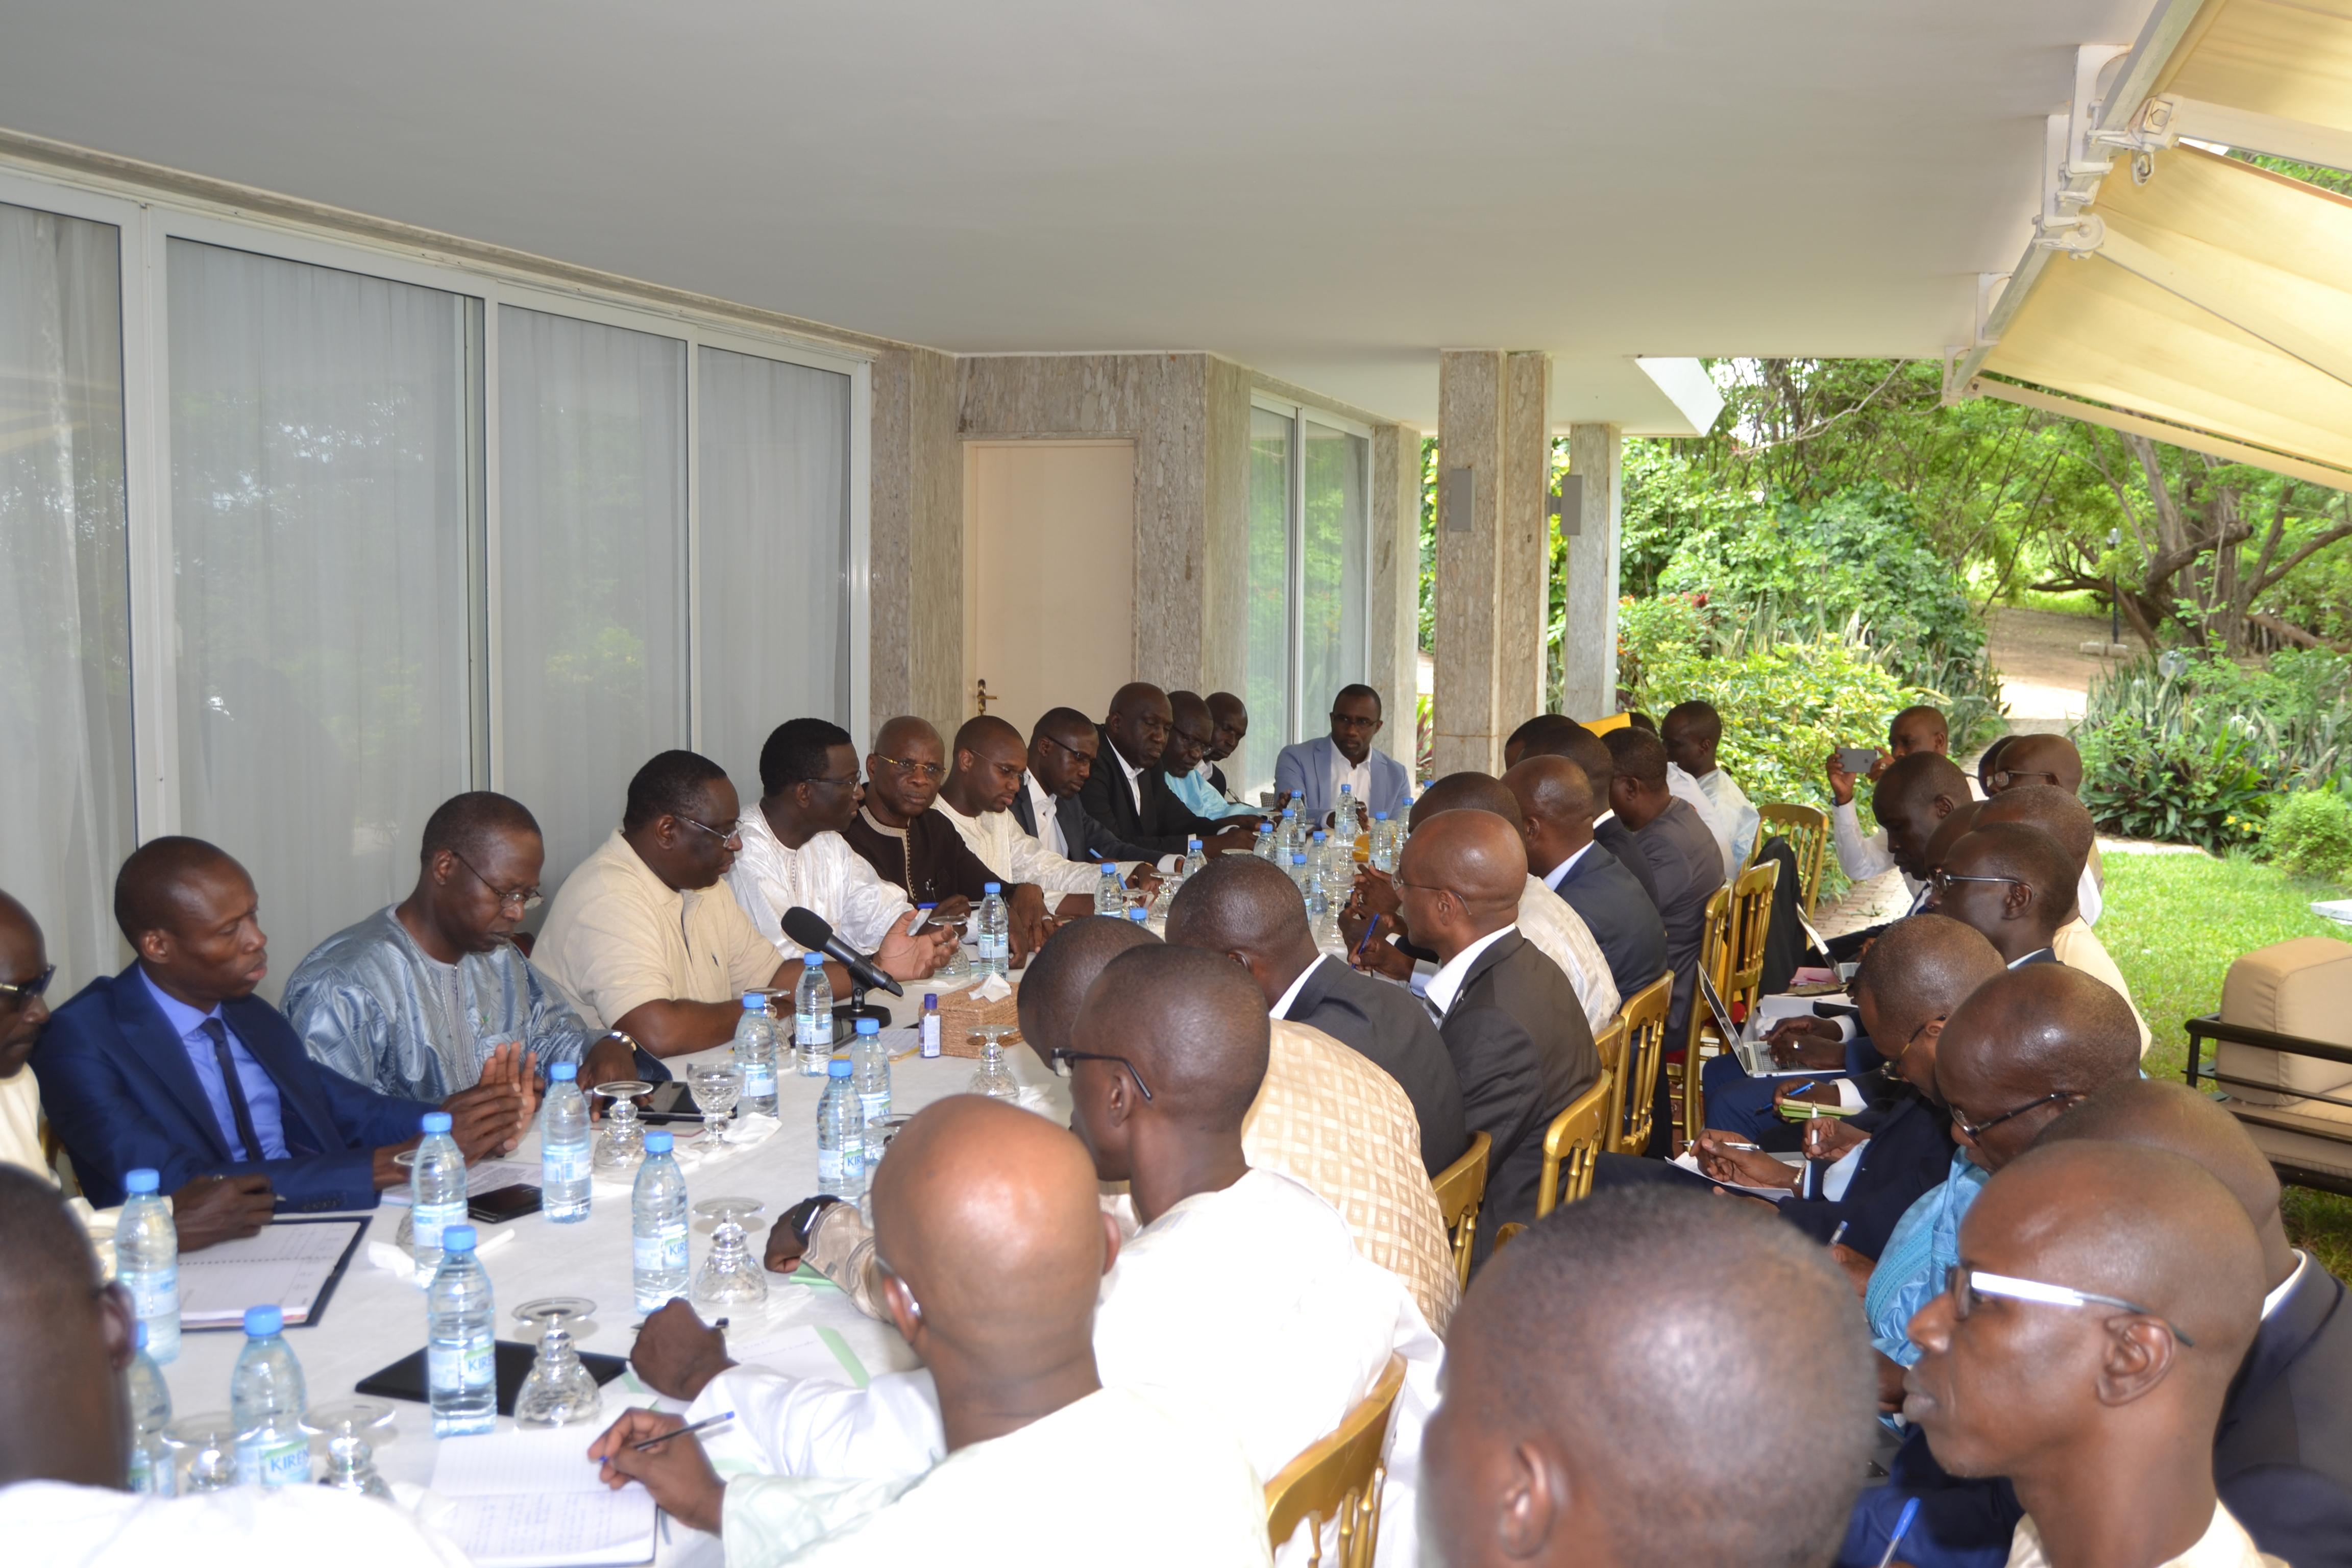 (exclusif) Le Président Macky Sall a rencontré des Dg et cadres pour une meilleure satisfaction des citoyens